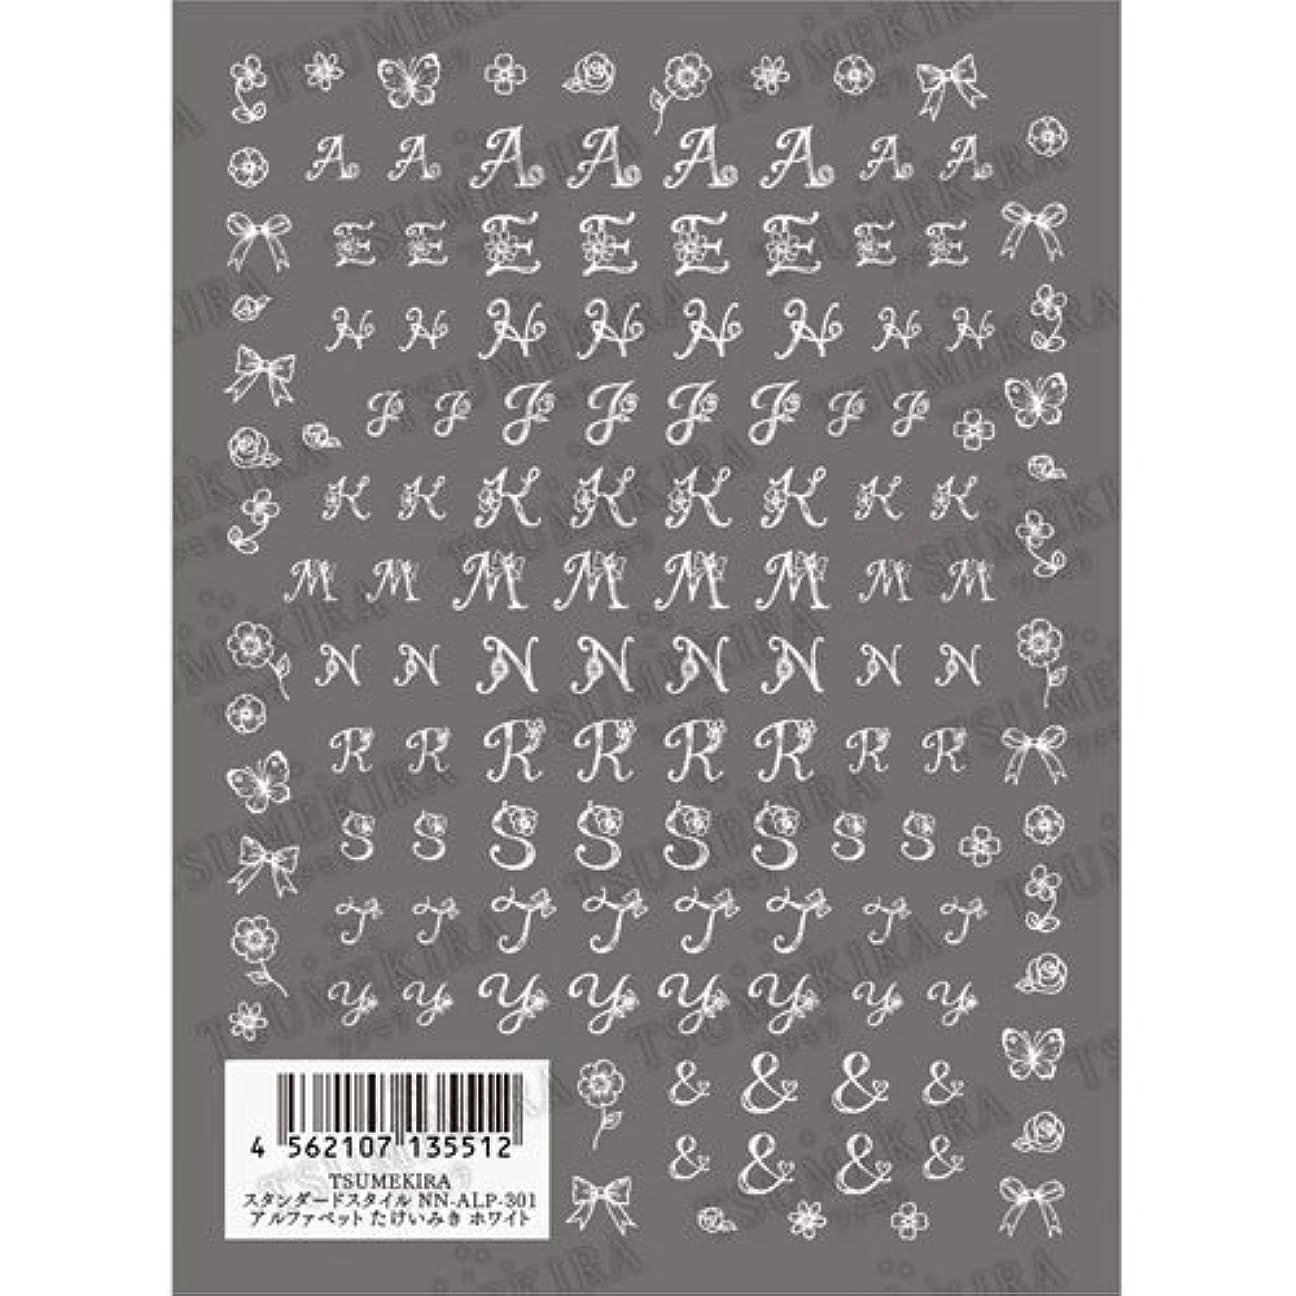 メトリック少年ミルツメキラ(TSUMEKIRA) ネイル用シール アルファベット ホワイト NN-ALP-301